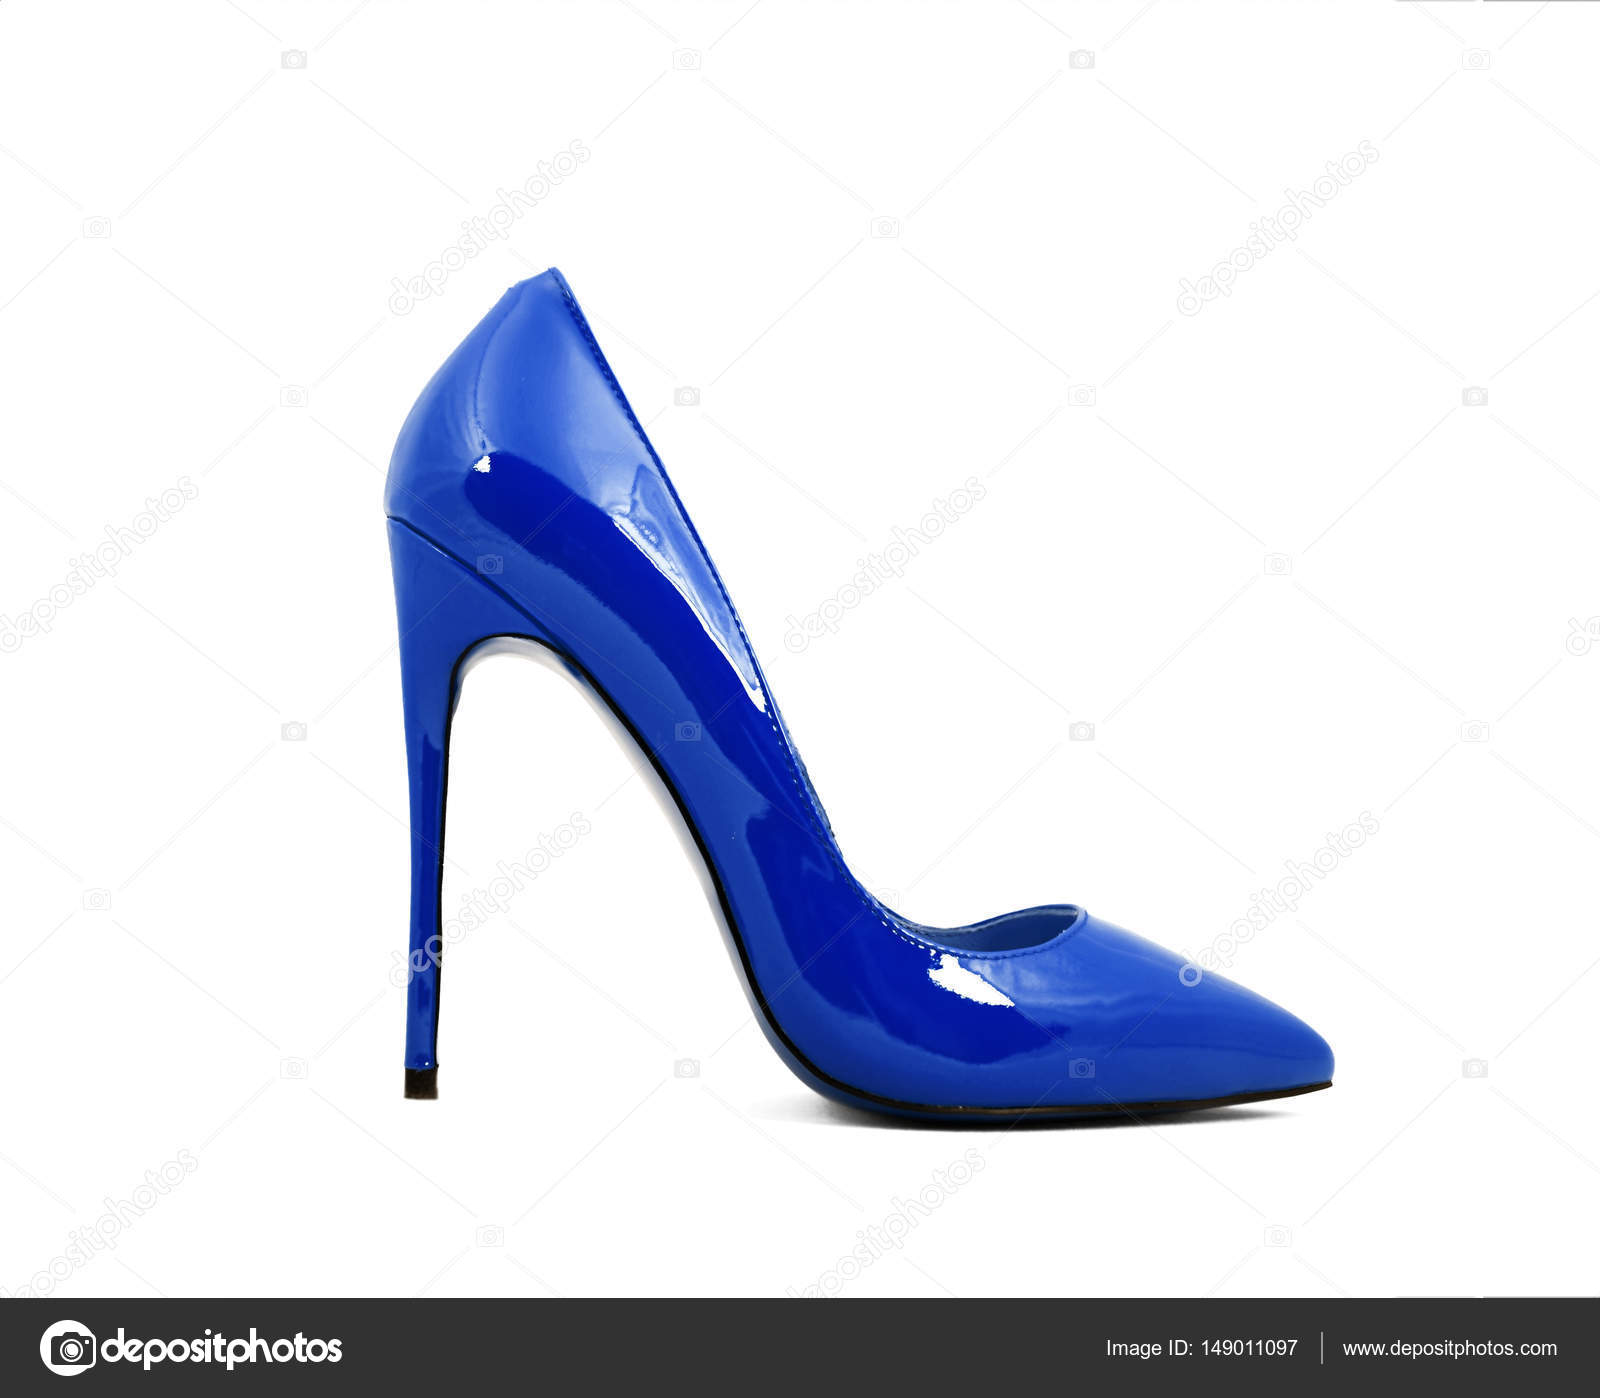 e630aa9ae Zapatos azules de mujer tacones